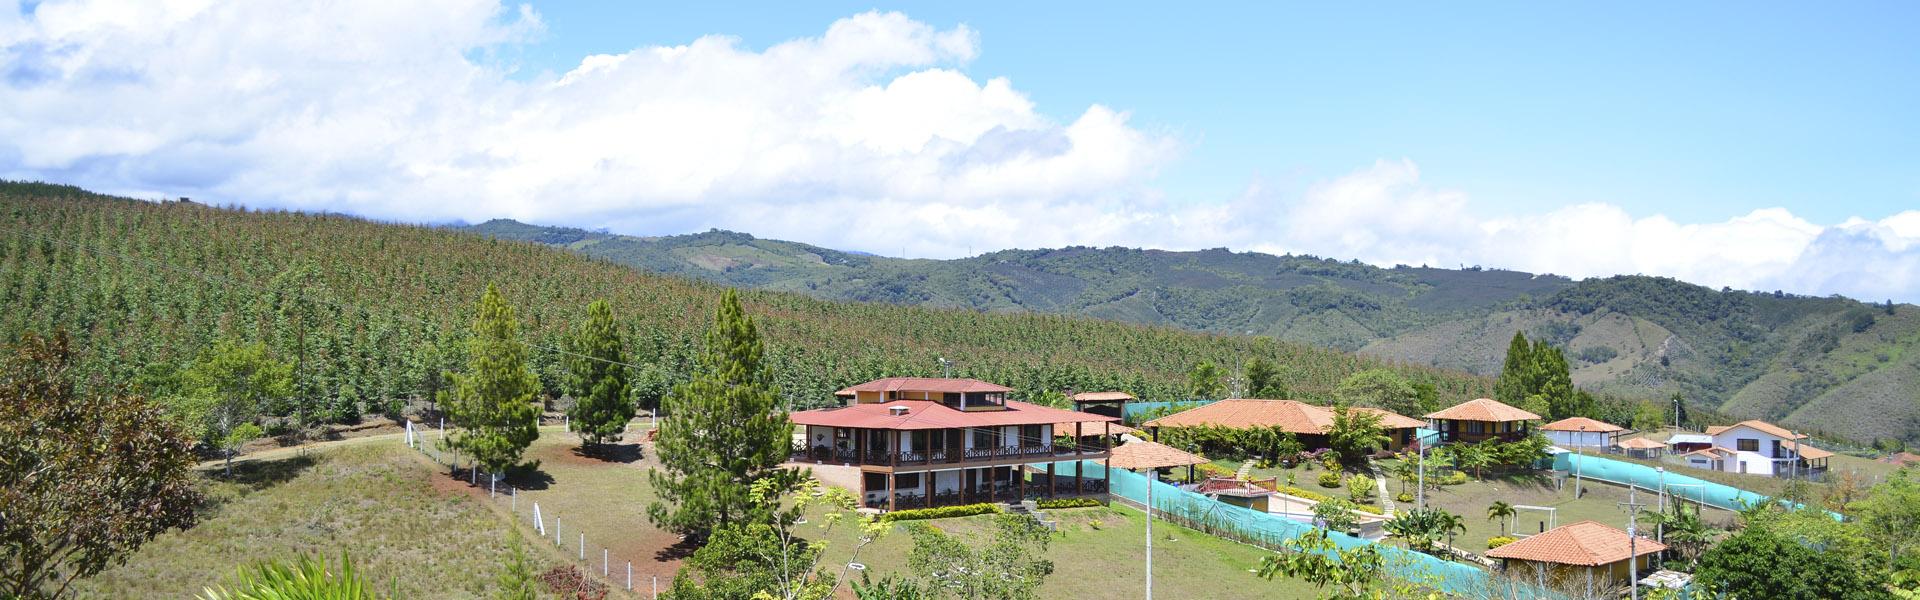 parcelacion-campestre-el-carmelo-dagua-valle-del-cauca